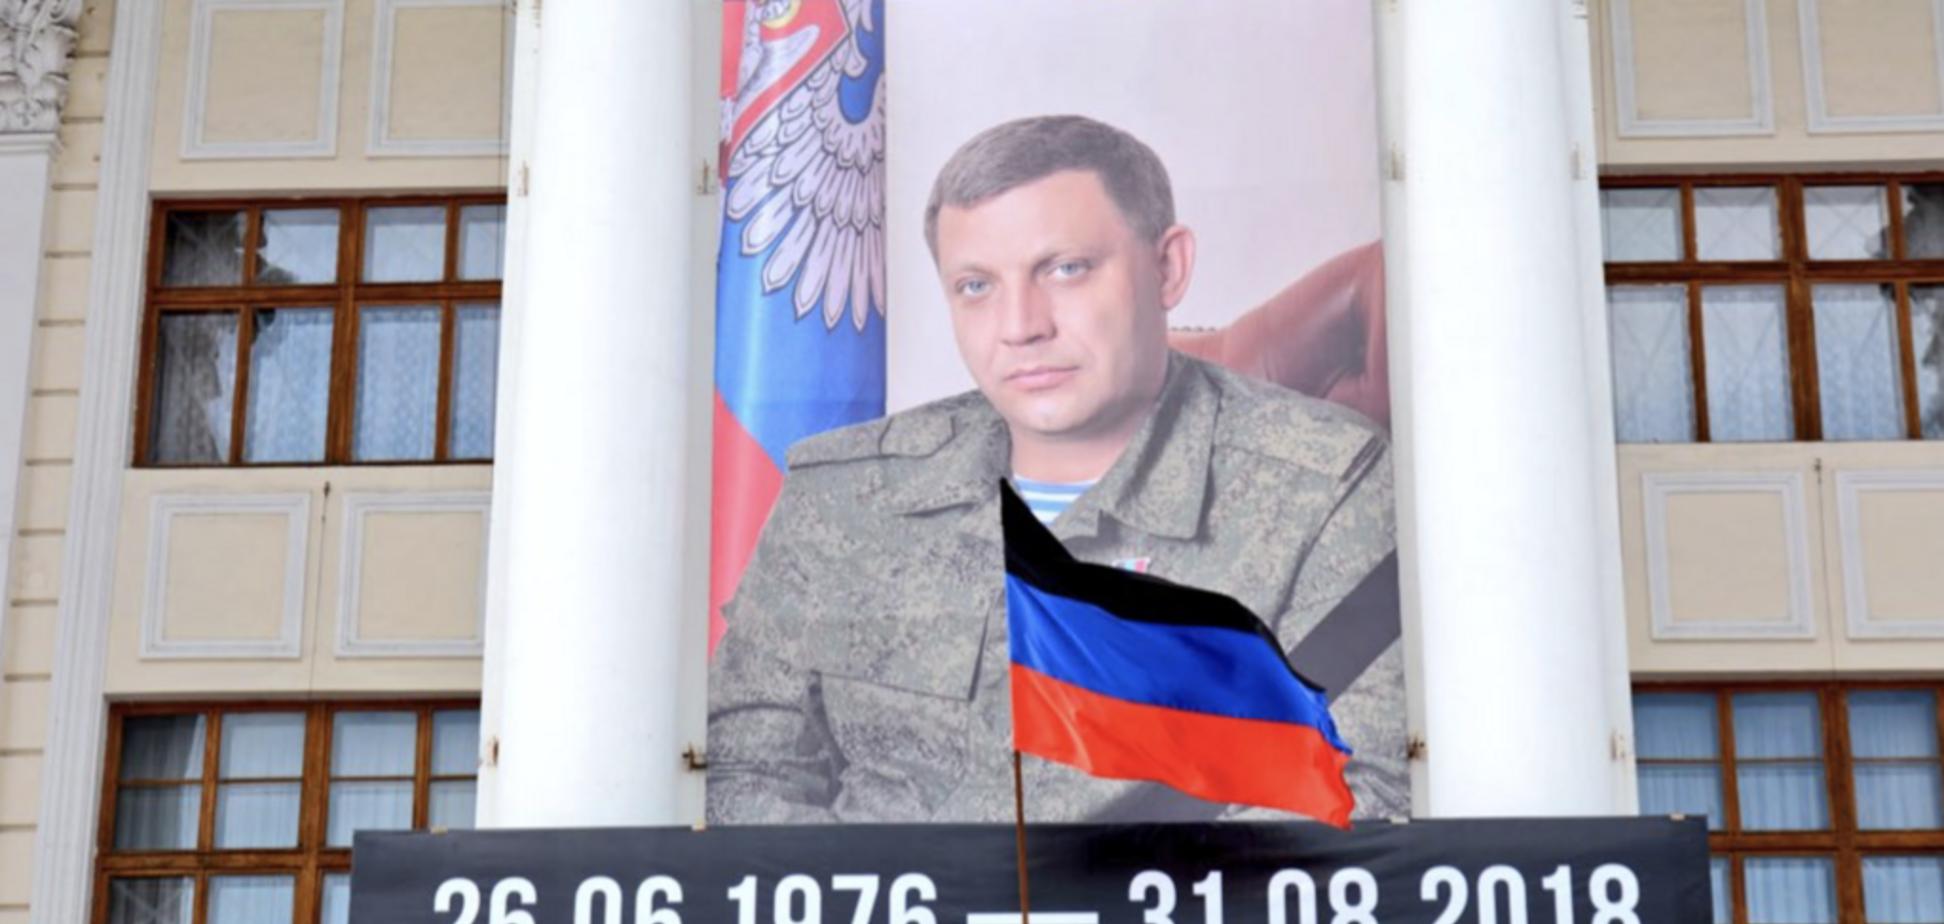 Закопали на 'Донецькому морі': з'явилися фото і відео з похорону Захарченка